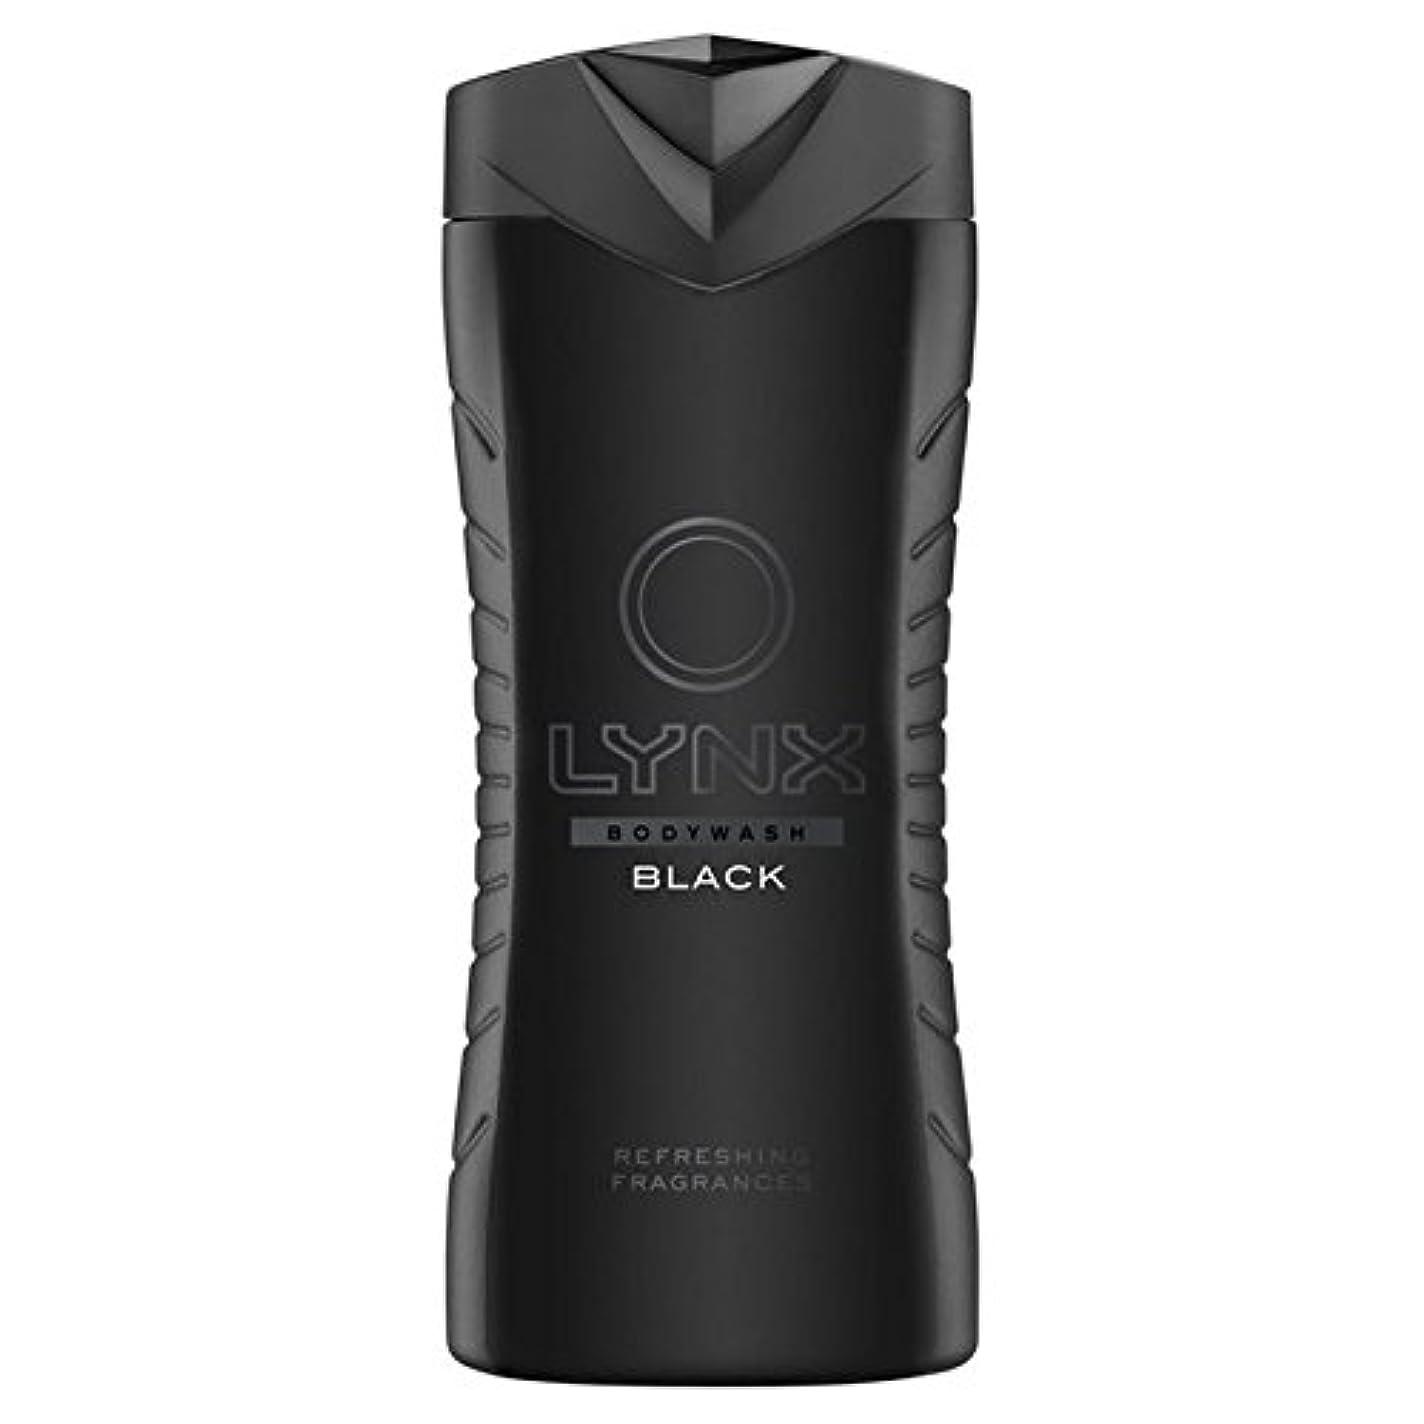 だらしないアレキサンダーグラハムベル出血Lynx Black Shower Gel 400ml (Pack of 6) - オオヤマネコブラックシャワージェル400ミリリットル x6 [並行輸入品]